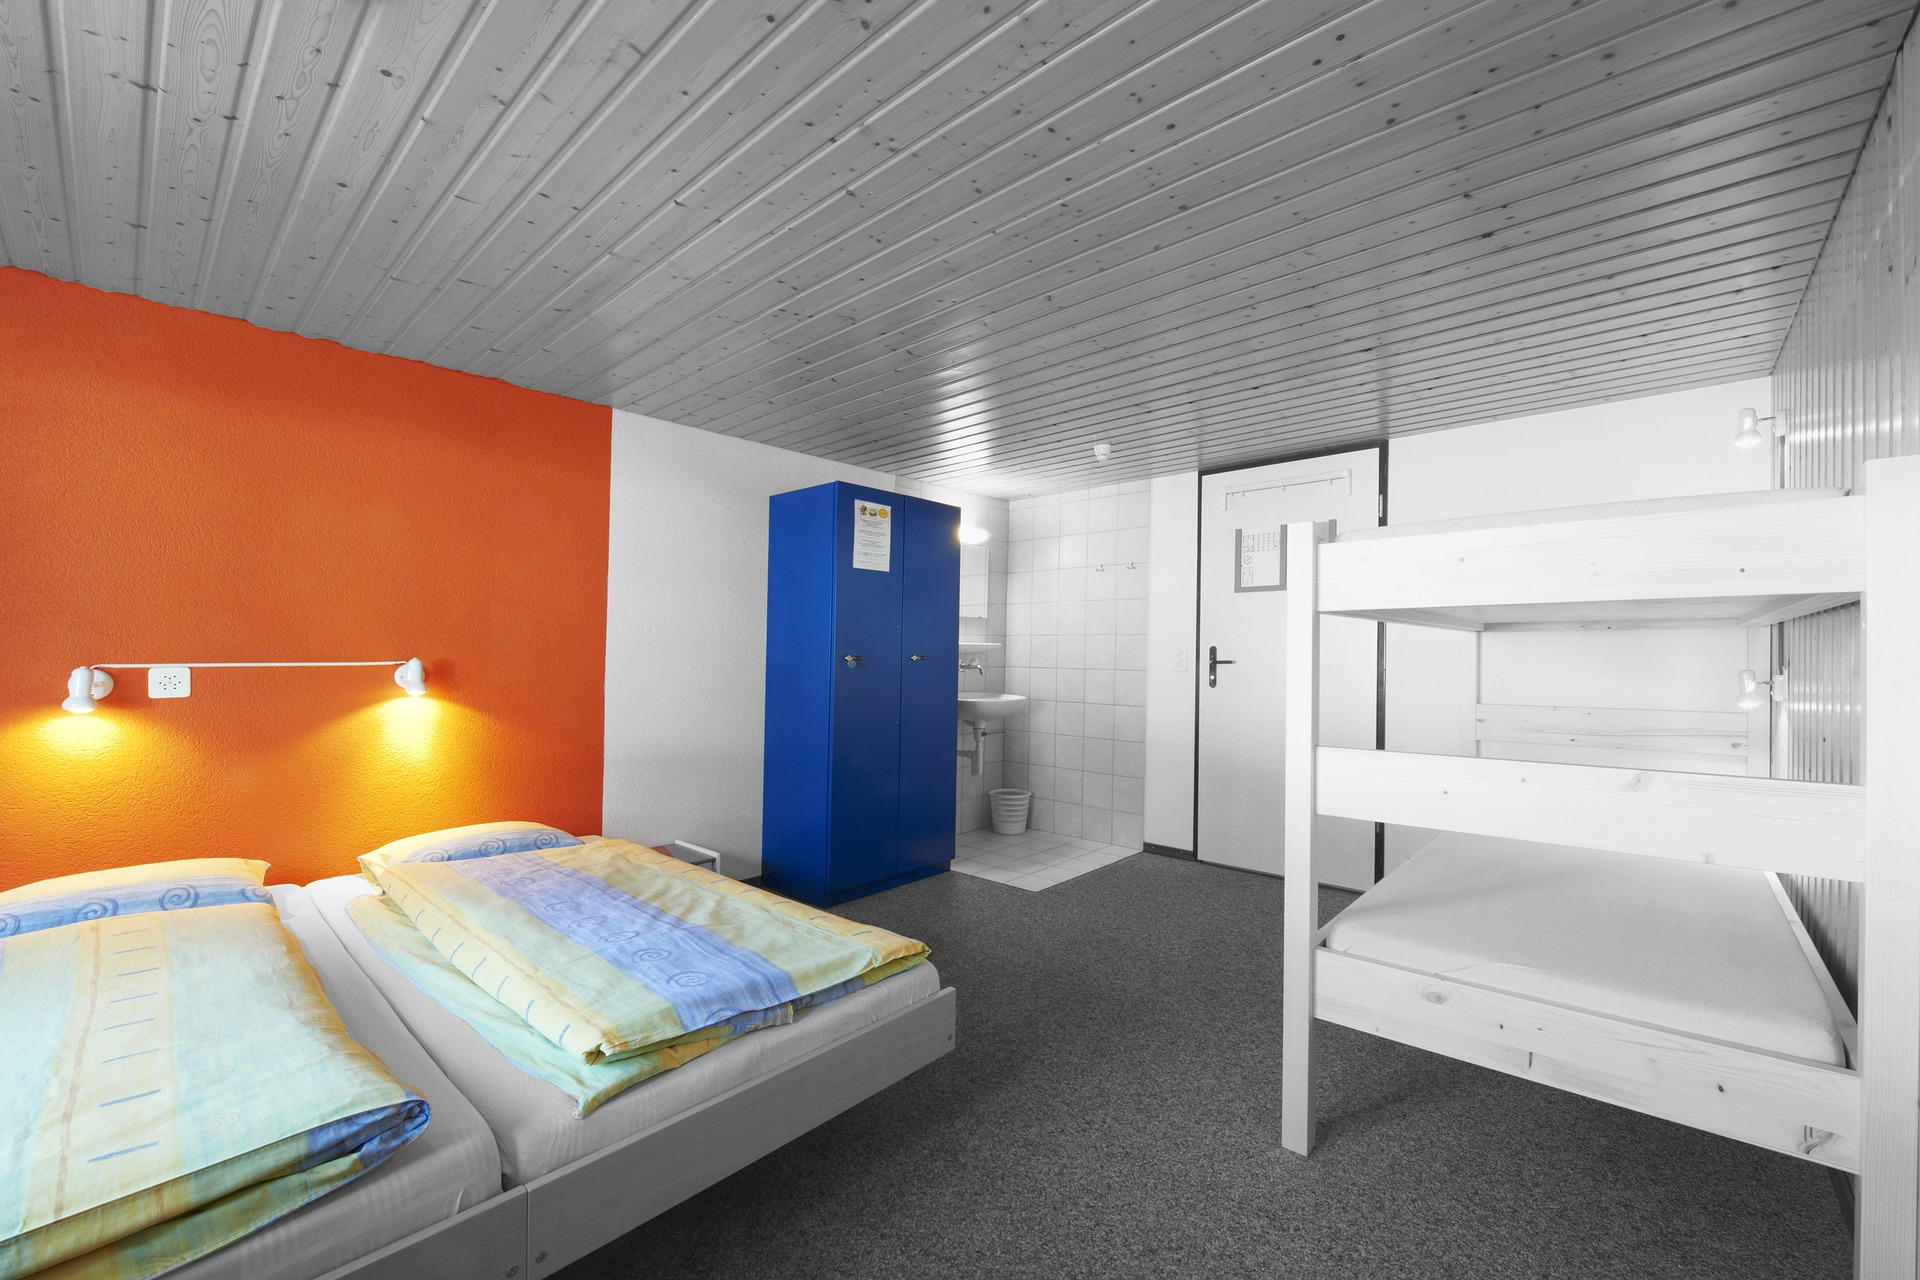 Hostel – tani nocleg w centrum miasta zamiast pokoi lub apartamentów